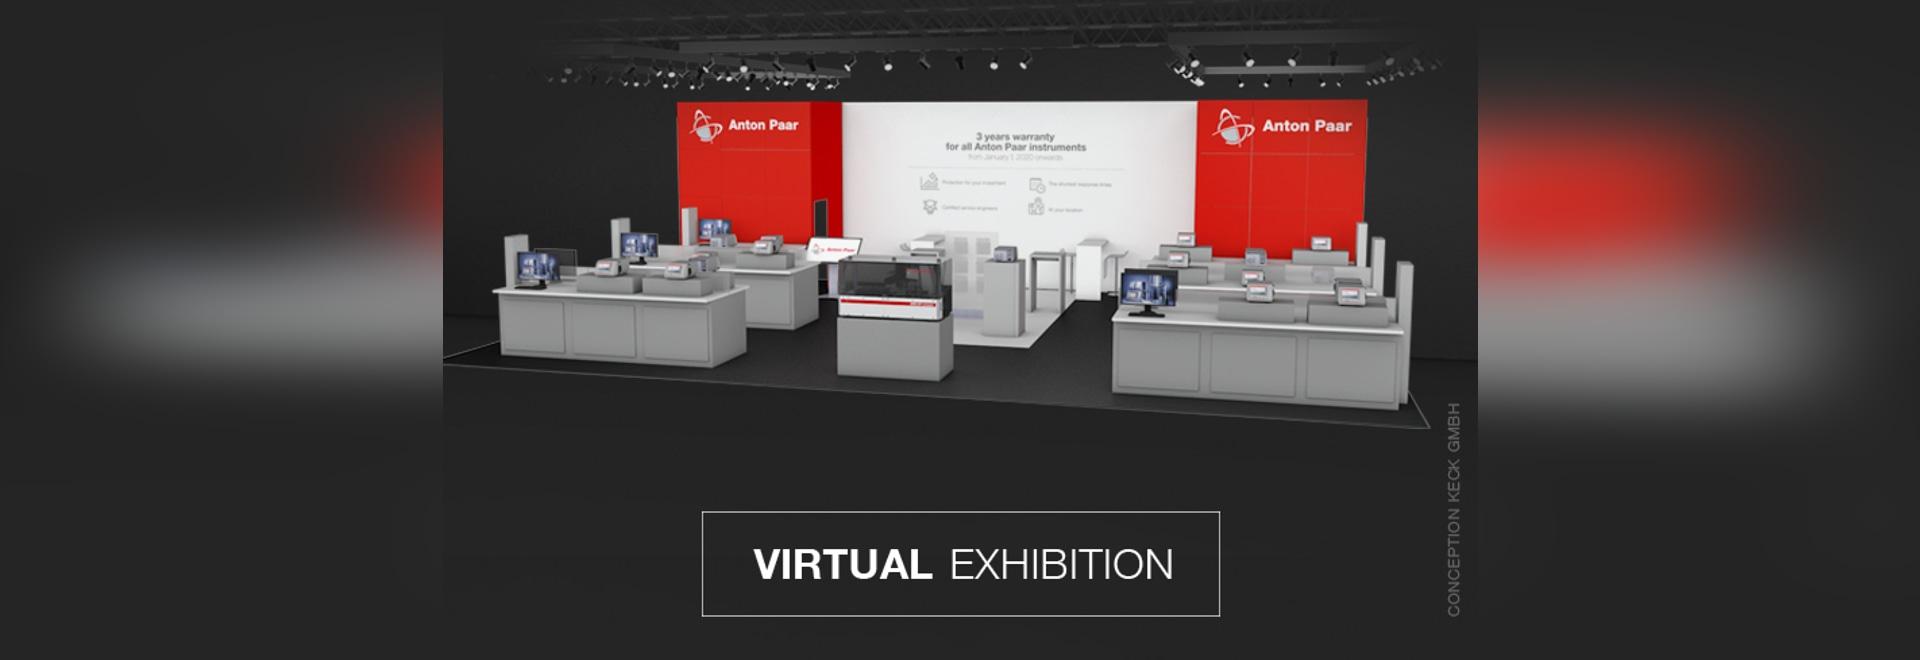 Stand de l'exposition virtuelle d'Anton Paar